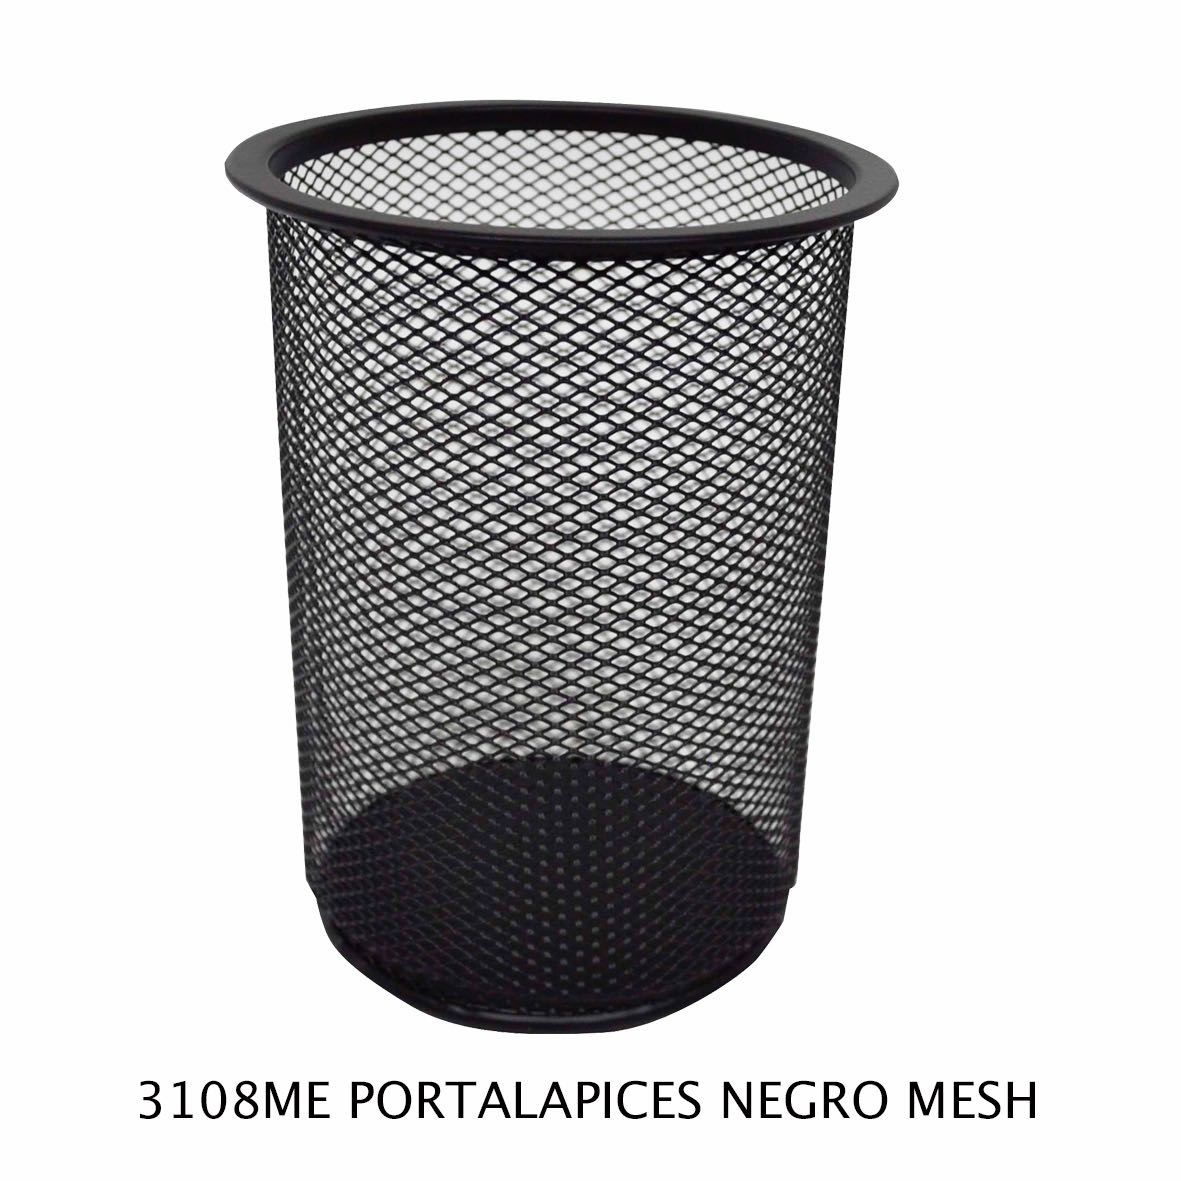 Portalápices Negro Mesh modelo 3108ME de Sablón